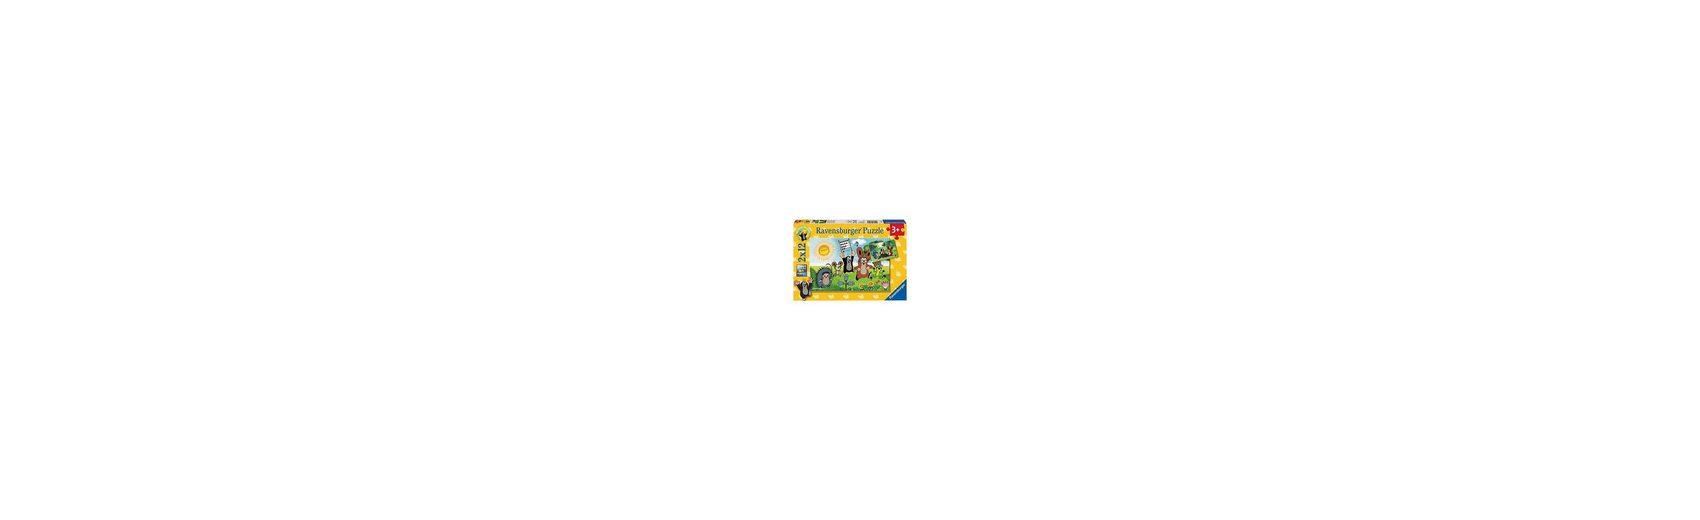 Ravensburger Puzzleset Der kleine Maulwurf: Lernspaß mit Maulwurf 2 x 12